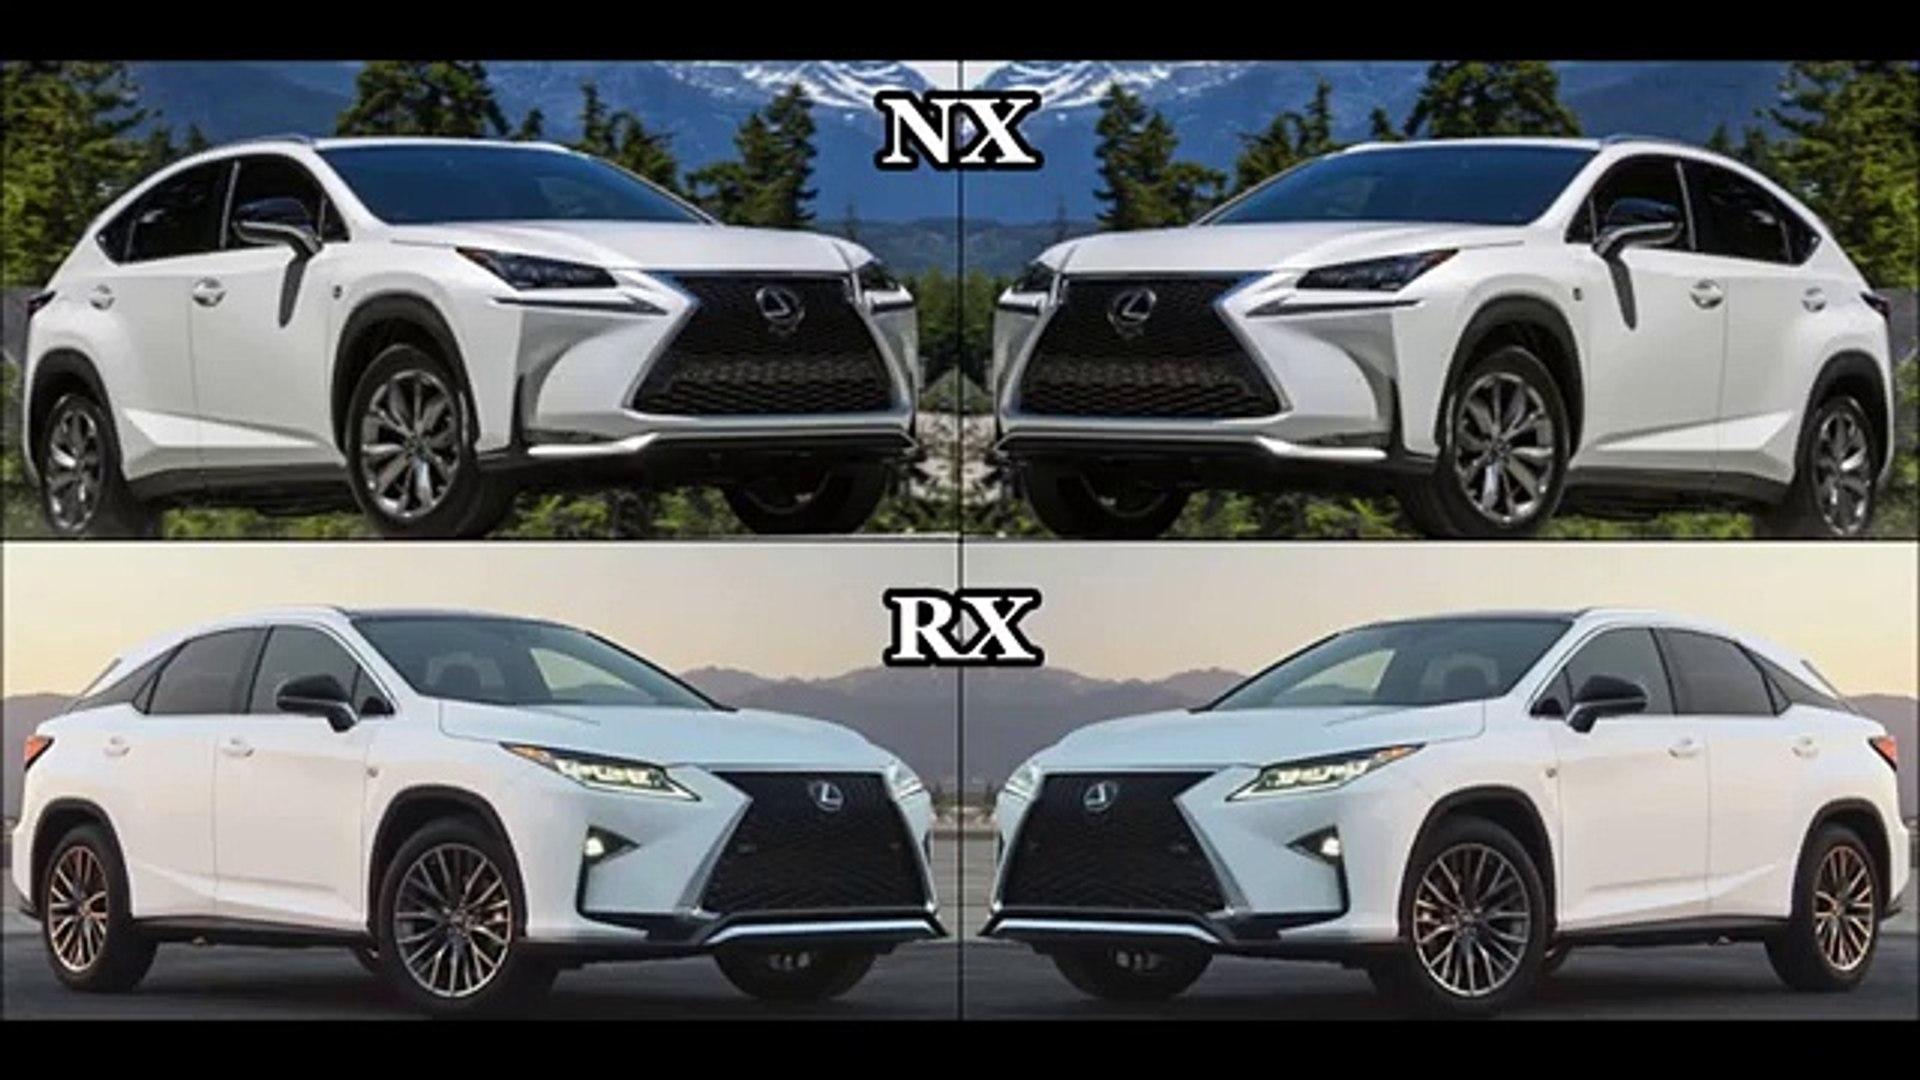 Lexus Nx Vs Rx >> 2016 Lexus Nx 200t F Sport Vs 2016 Lexus Rx 350 F Sport